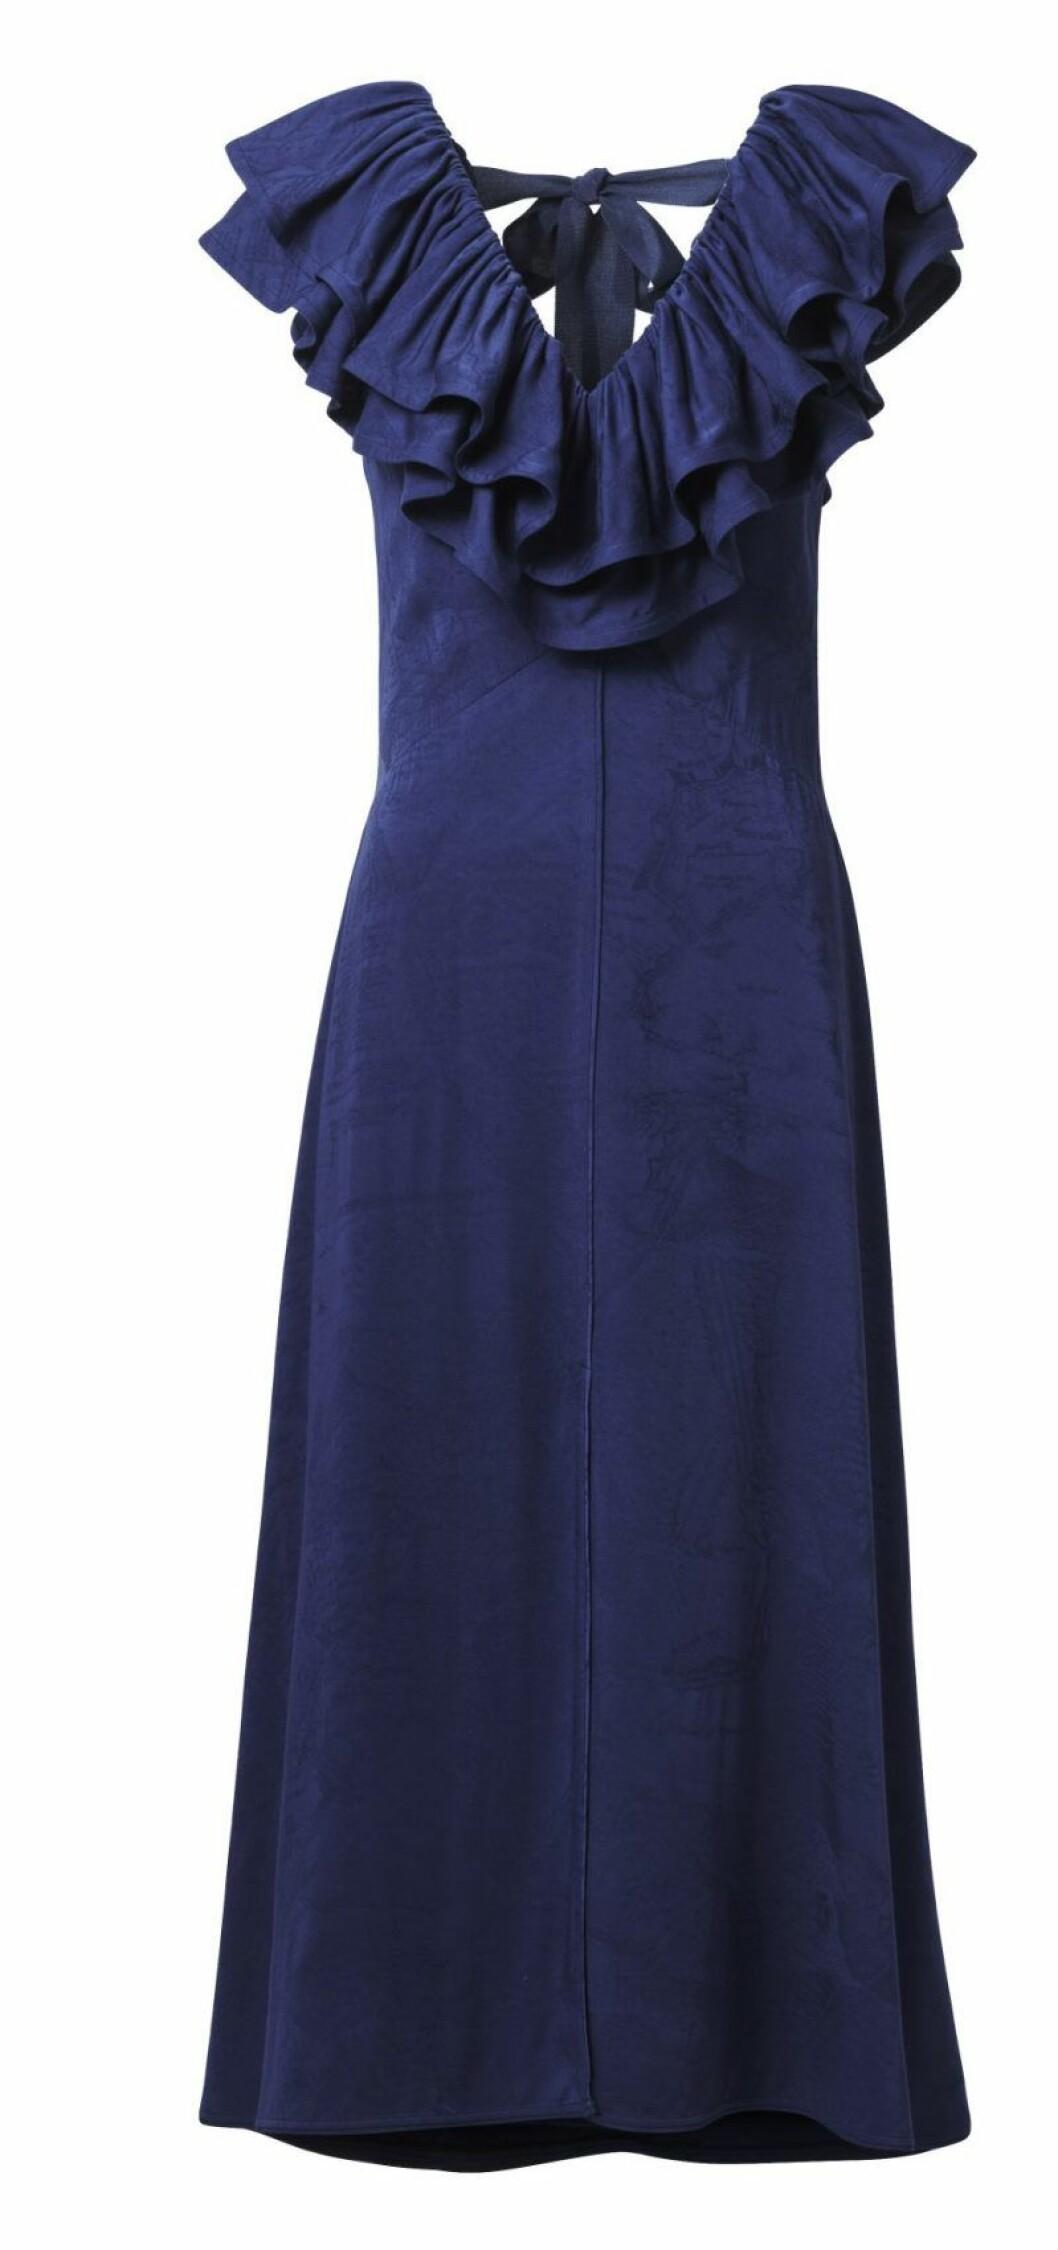 H&M Conscious Exclusive SS20 blå klänning